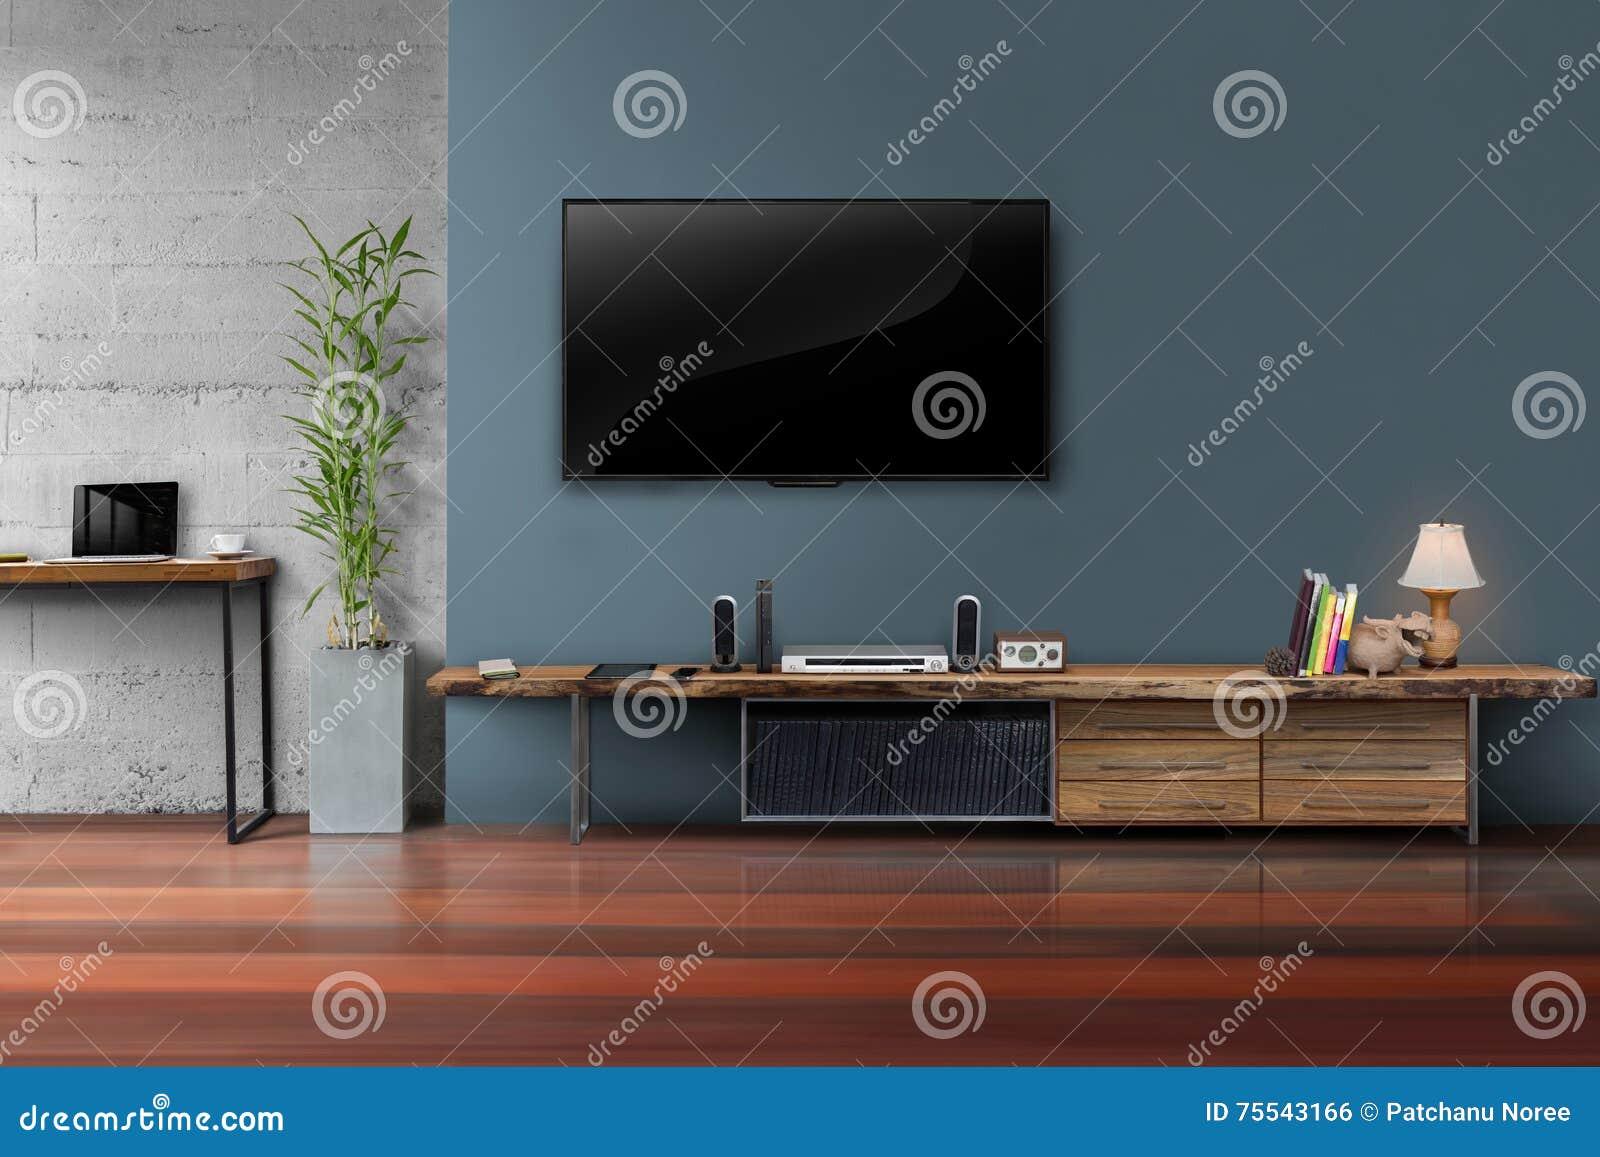 Tv Aan Muur : Ifa philips lanceert de serie smart led tv gadgetgear